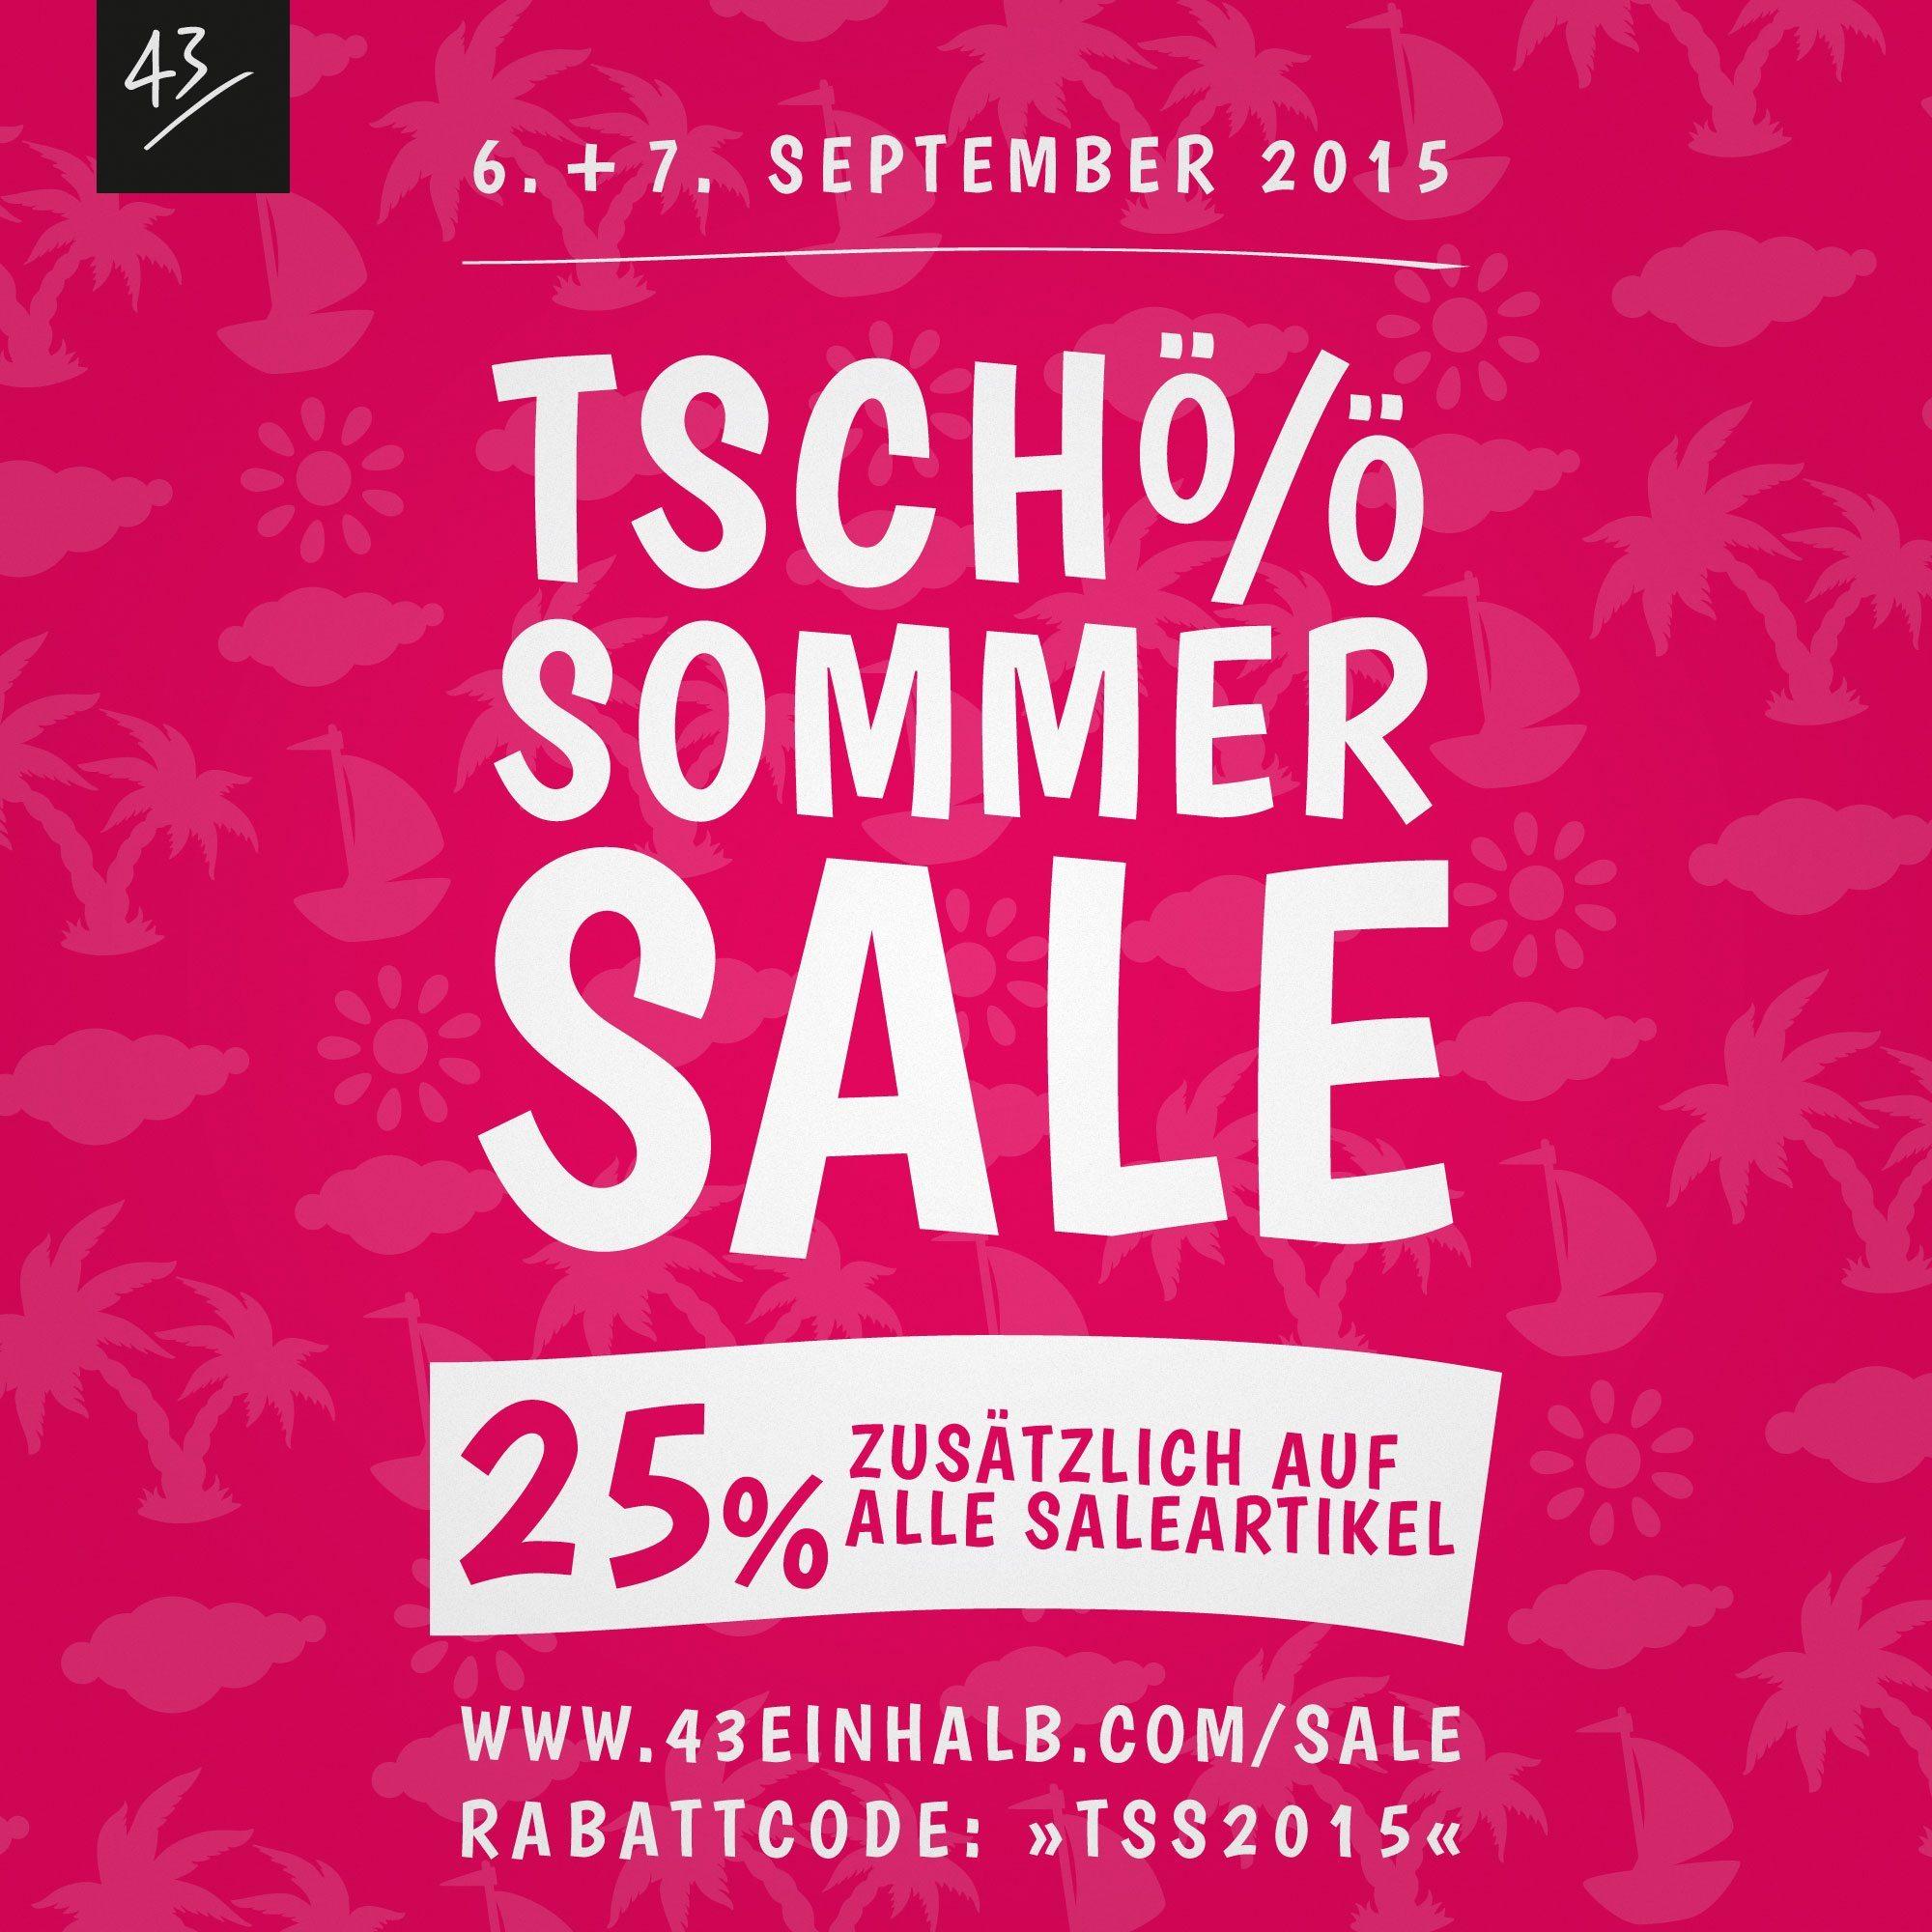 43einhalb Sommer Sale 2015